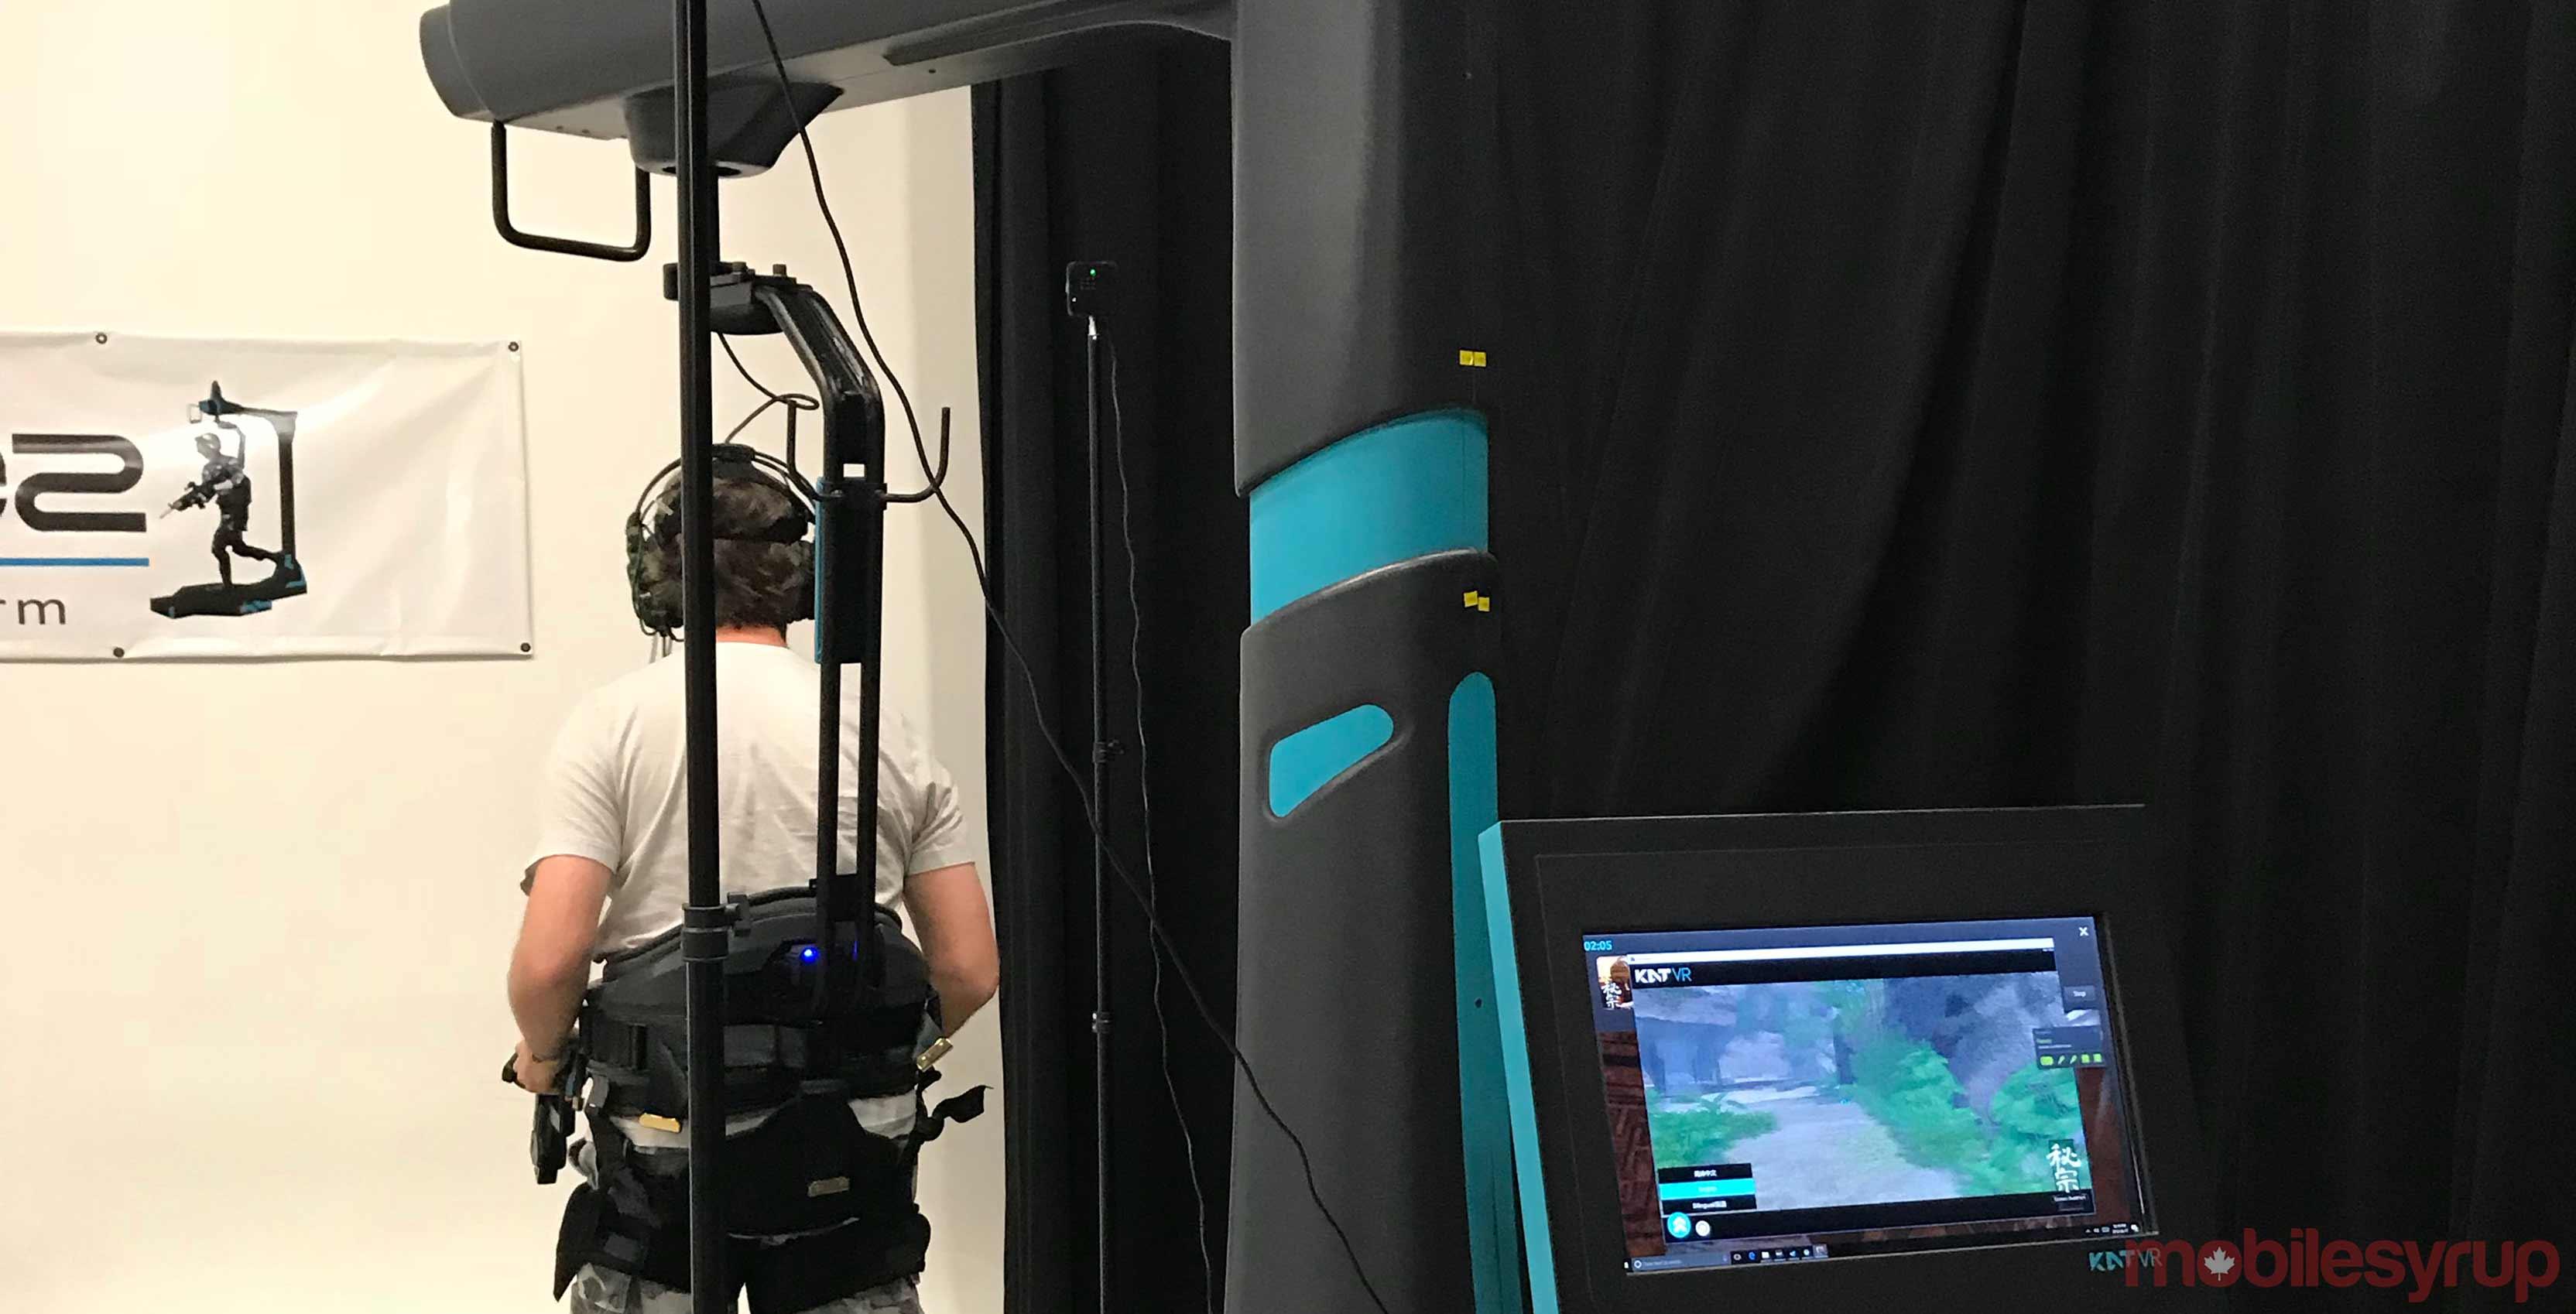 KAT Walk VR rig